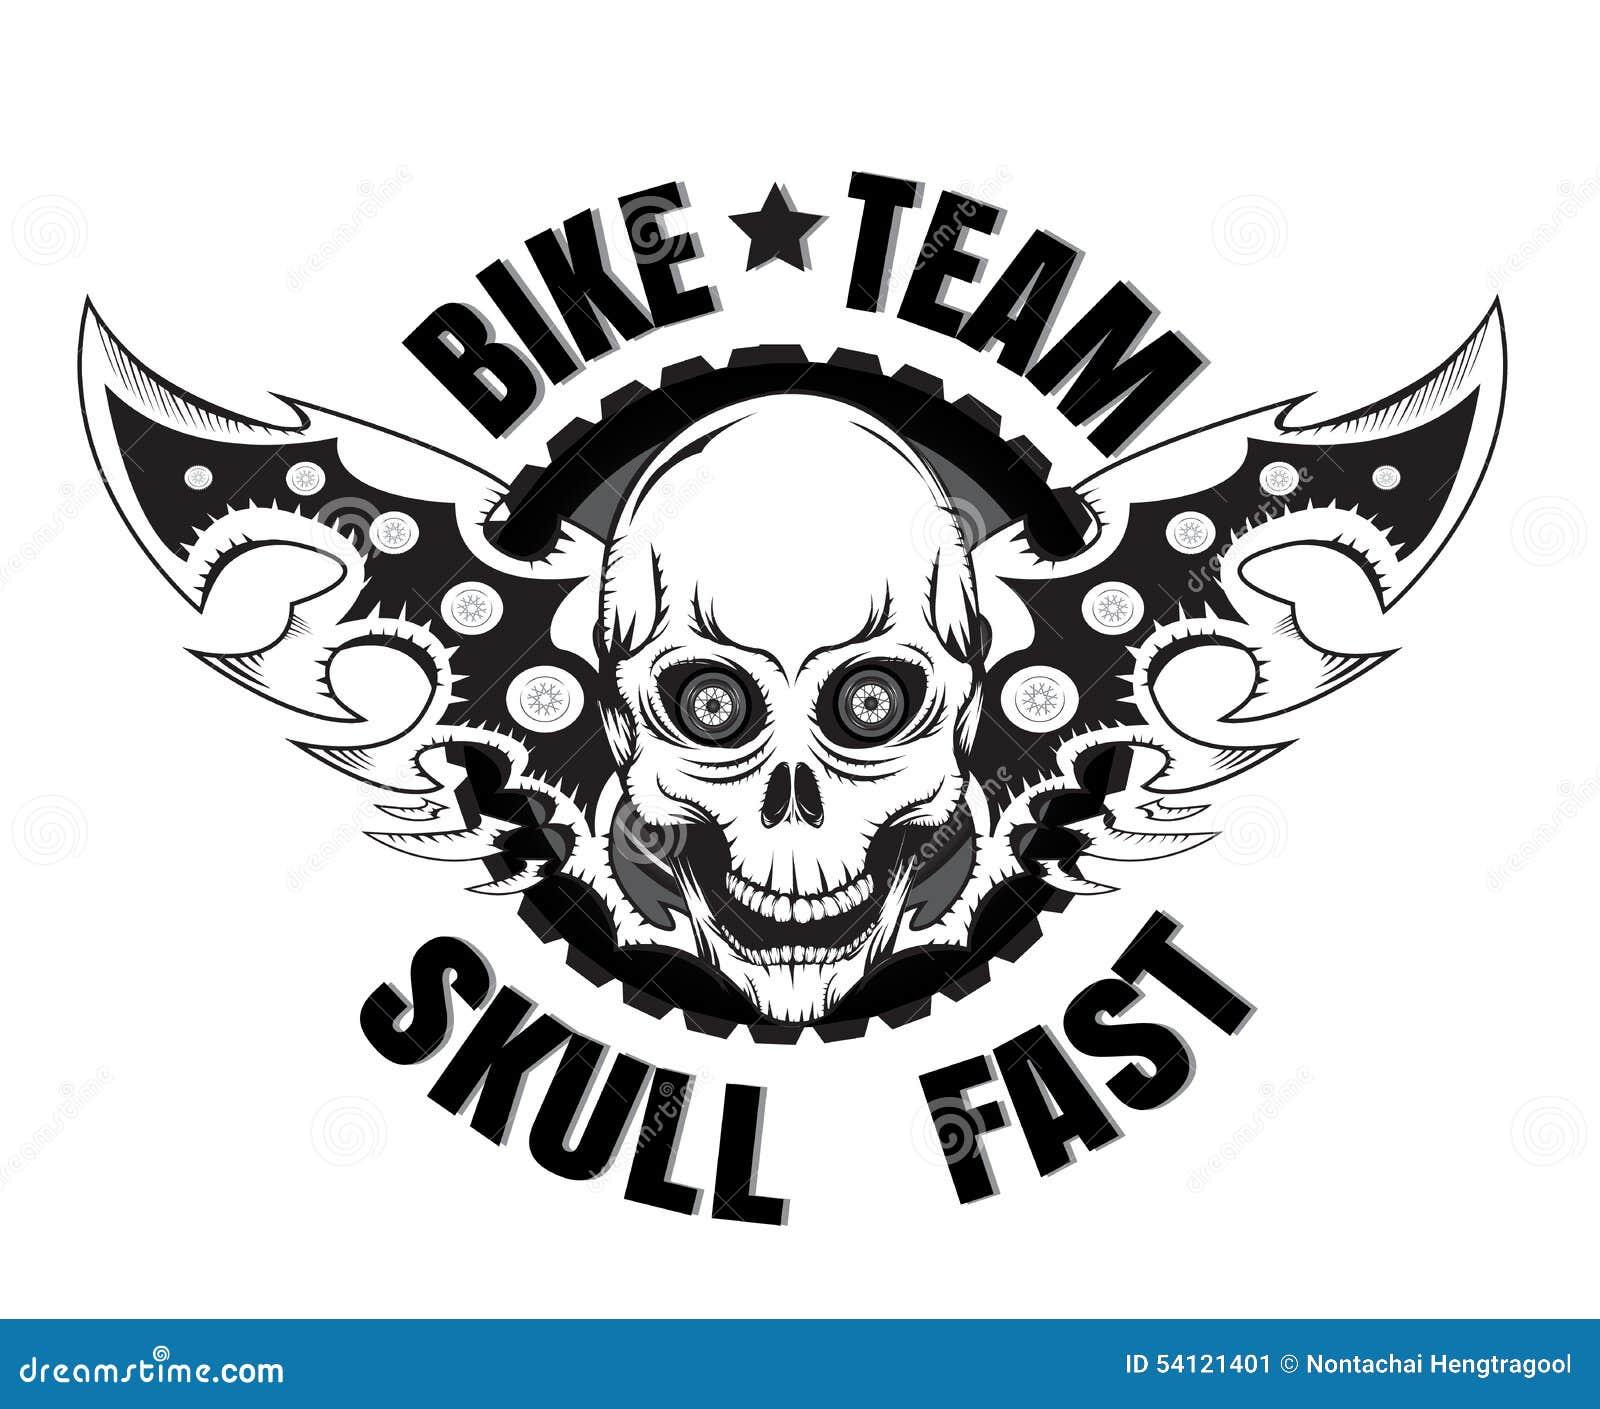 Old Yamaha Motor Cycle Logos